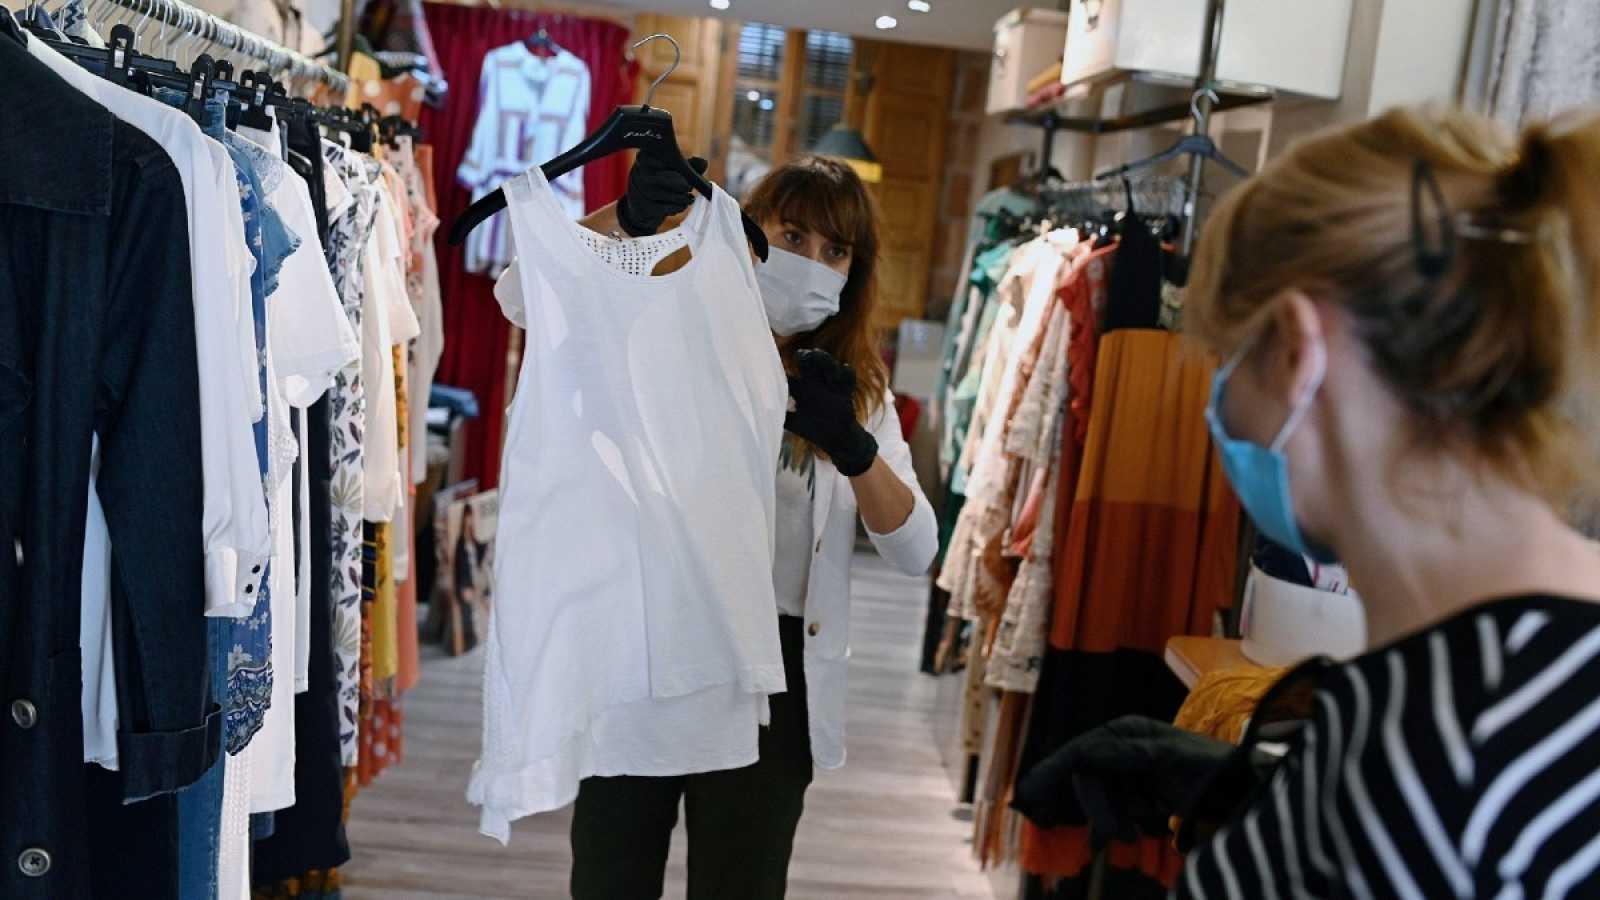 Una trabajadora muestra ropa a una clienta en un comercio